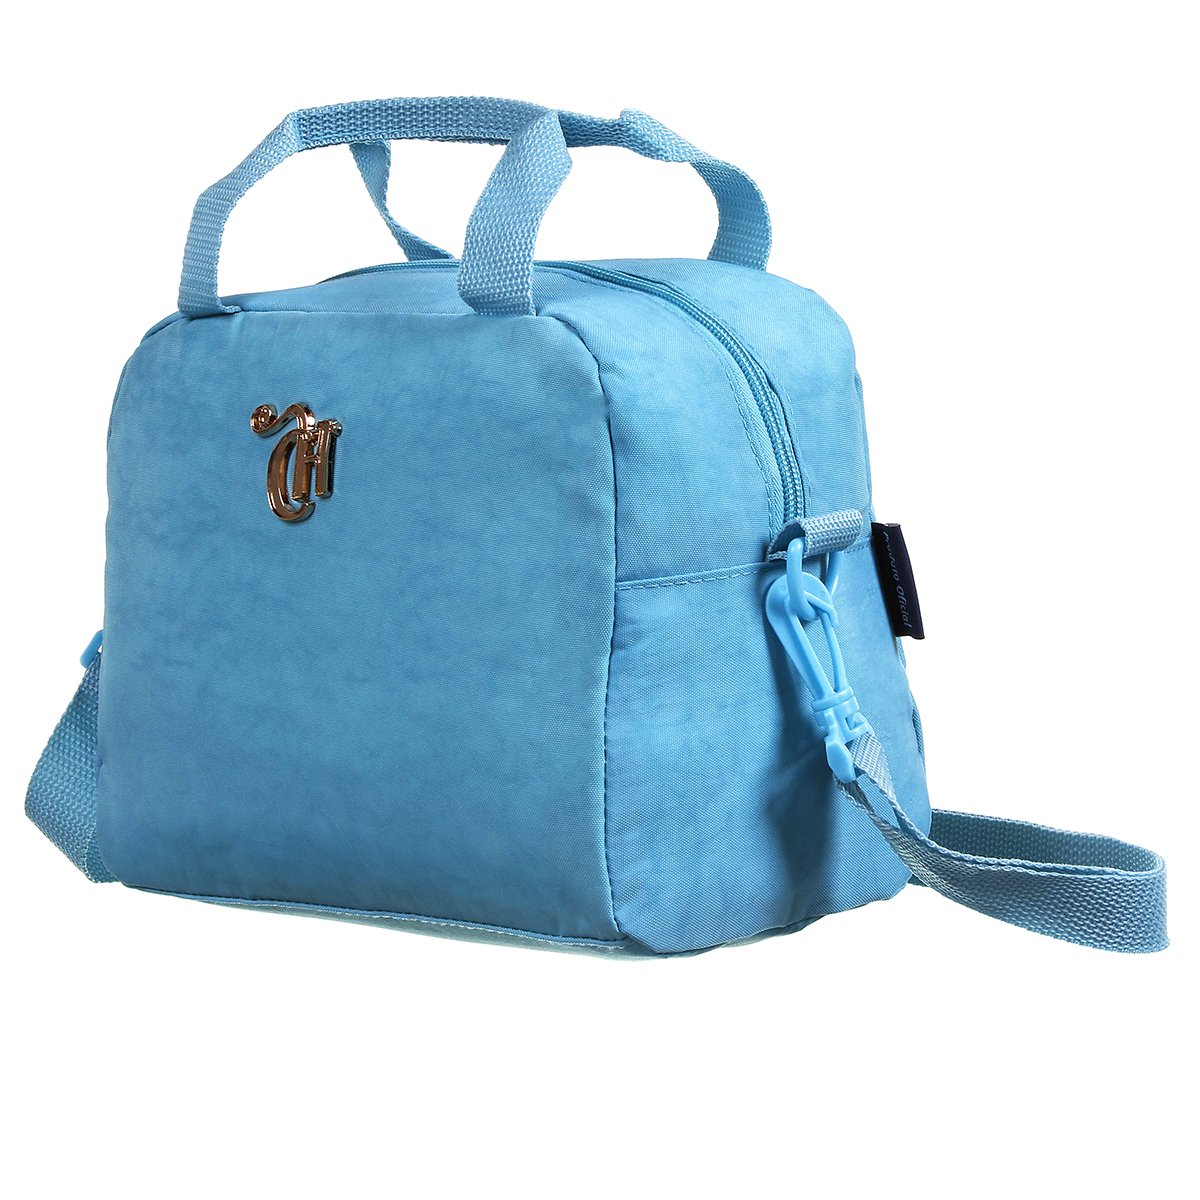 Bolsa Térmica Capricho Crinkle | Cor: Azul